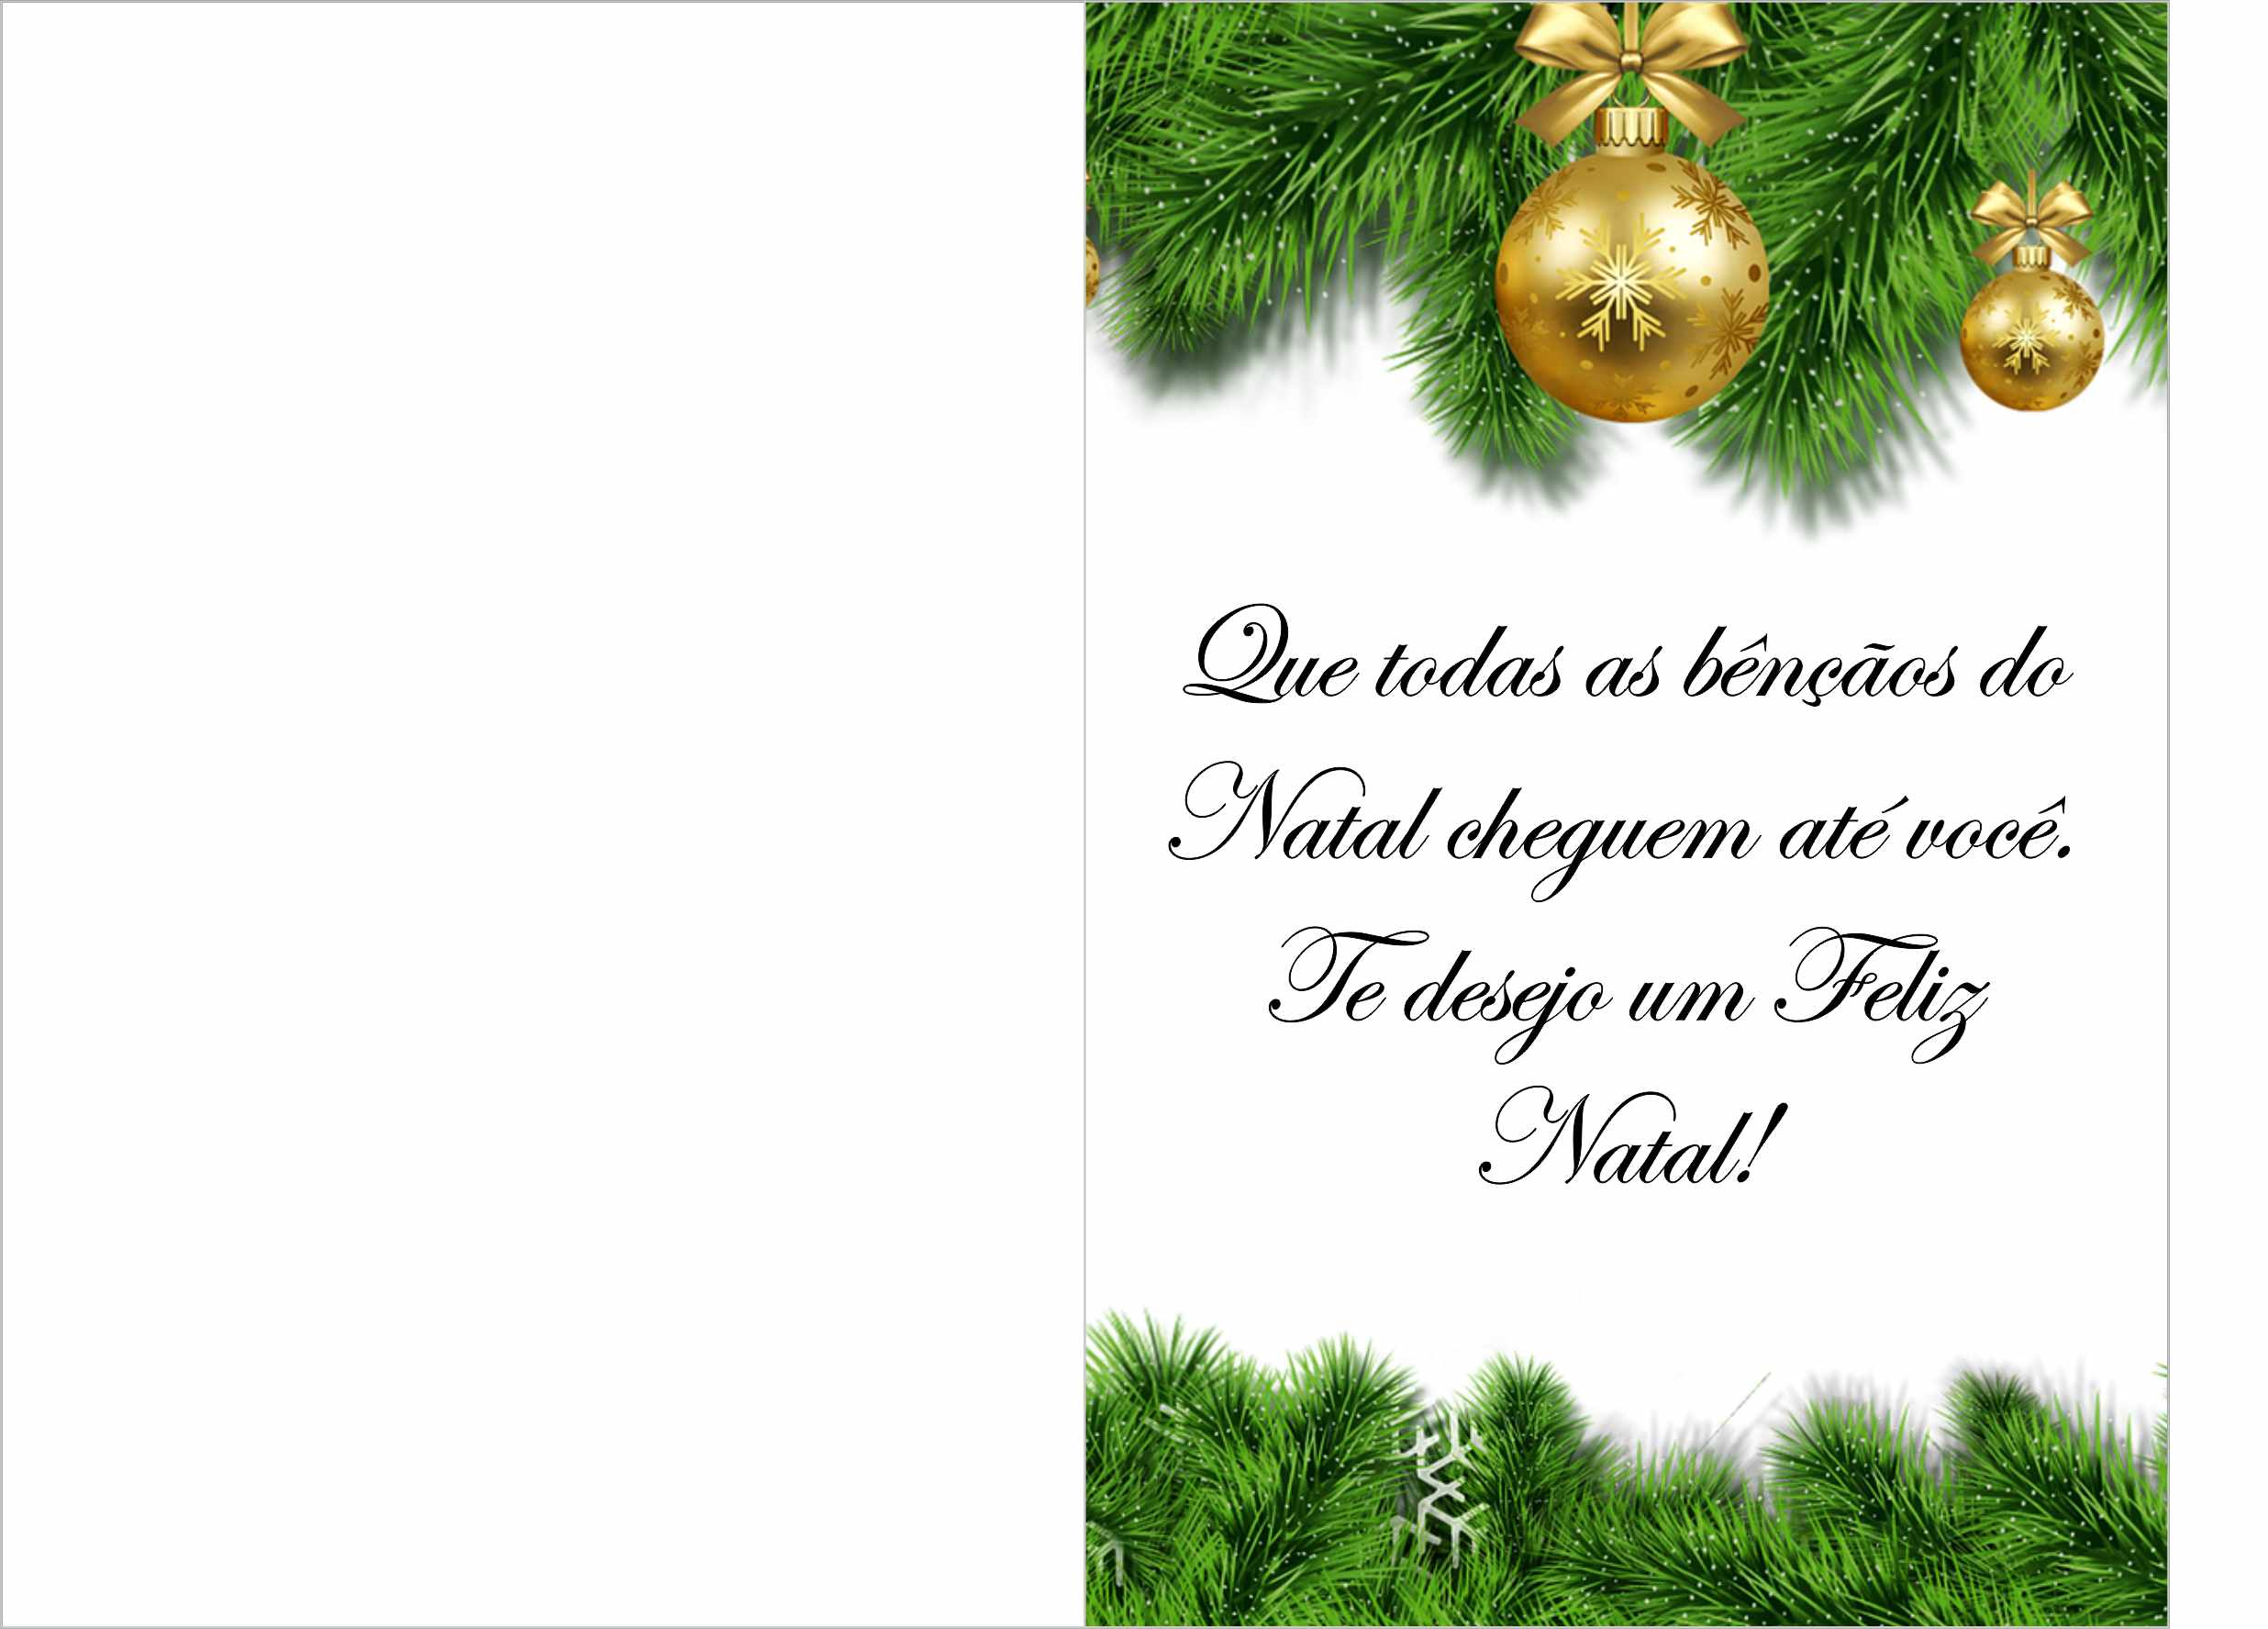 cartao de natal com mensagem